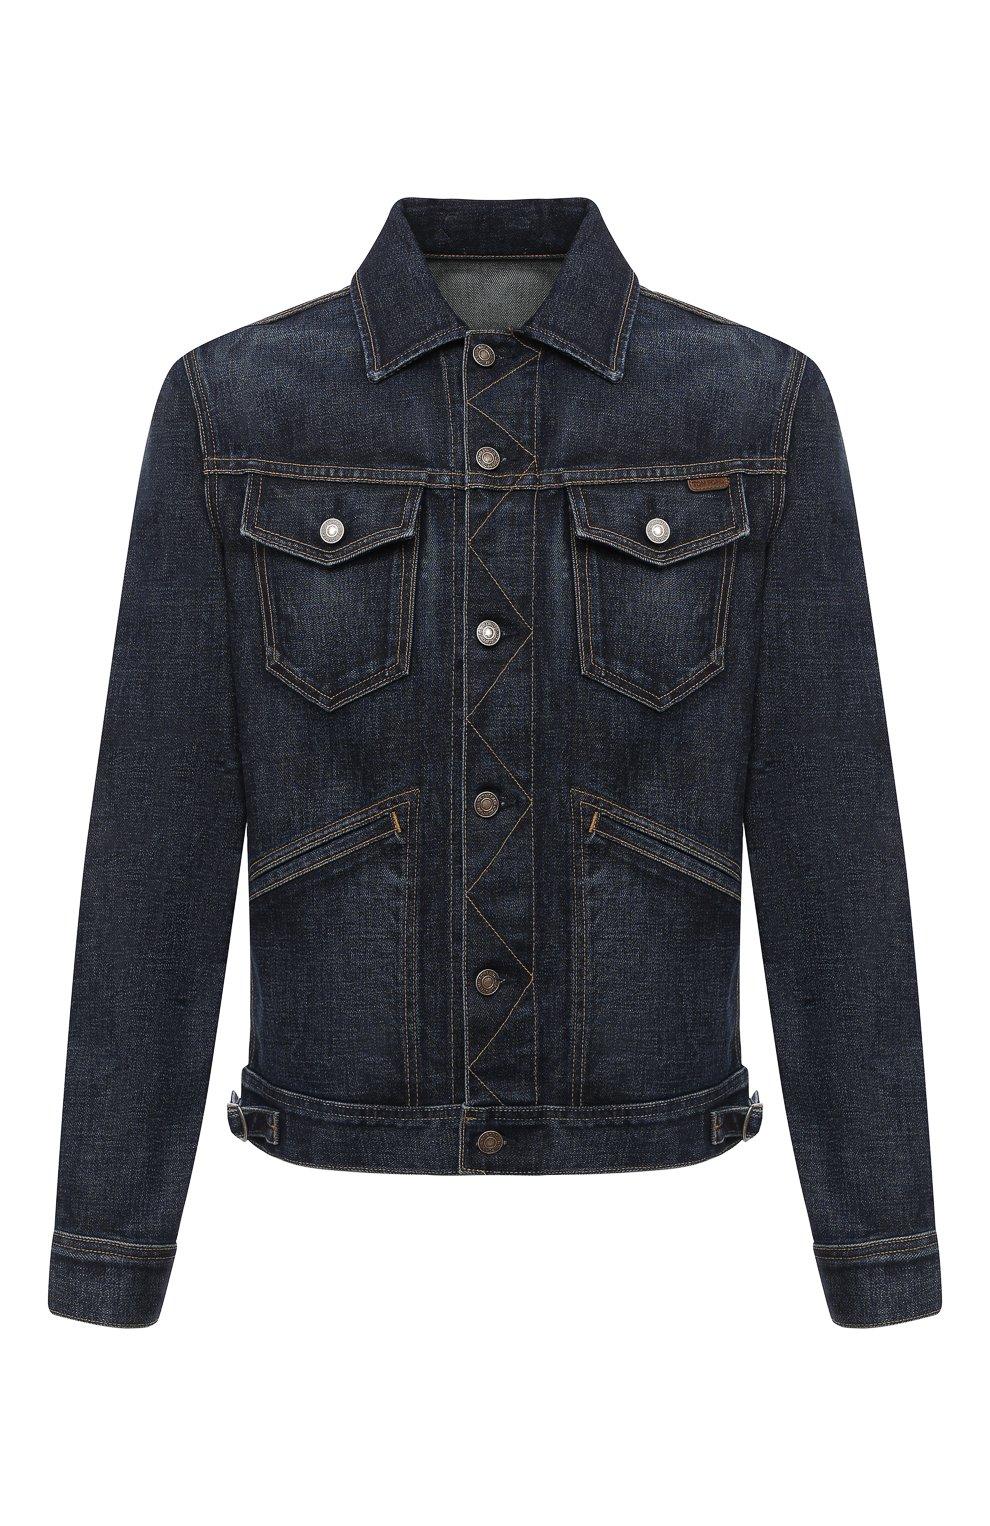 Мужская джинсовая куртка TOM FORD темно-синего цвета, арт. BVJ31/TFD111 | Фото 1 (Кросс-КТ: Куртка; Рукава: Длинные; Материал внешний: Хлопок; Мужское Кросс-КТ: Куртка-верхняя одежда, Верхняя одежда; Длина (верхняя одежда): Короткие; Стили: Кэжуэл)